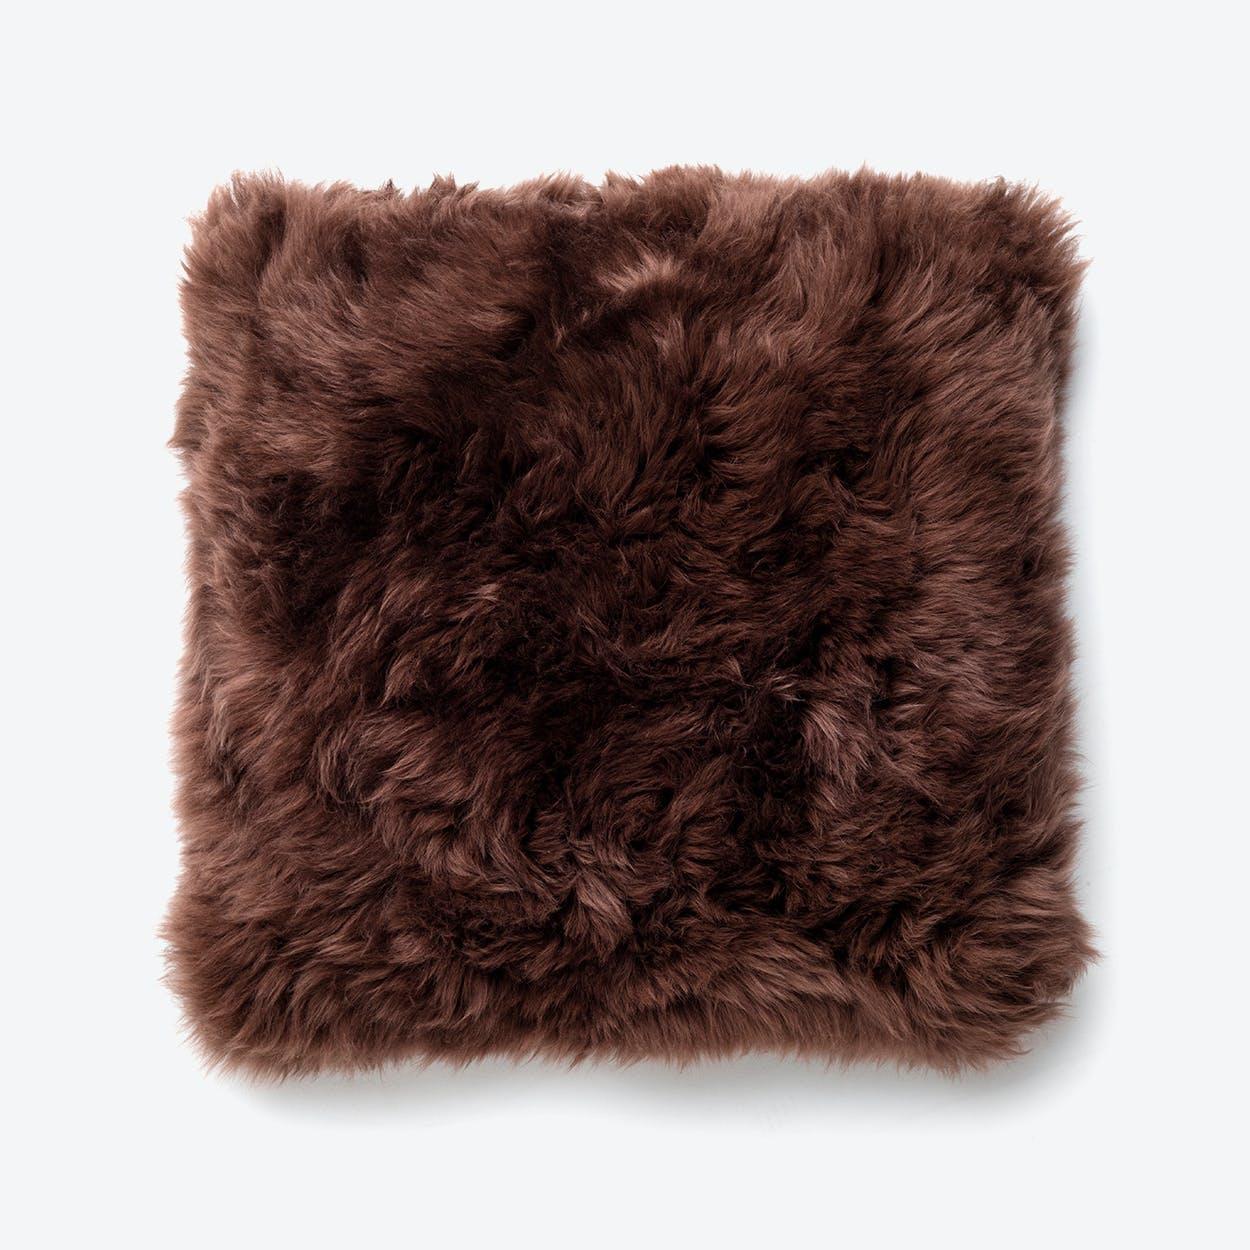 New Zealand Sheepskin Cushion in Brown